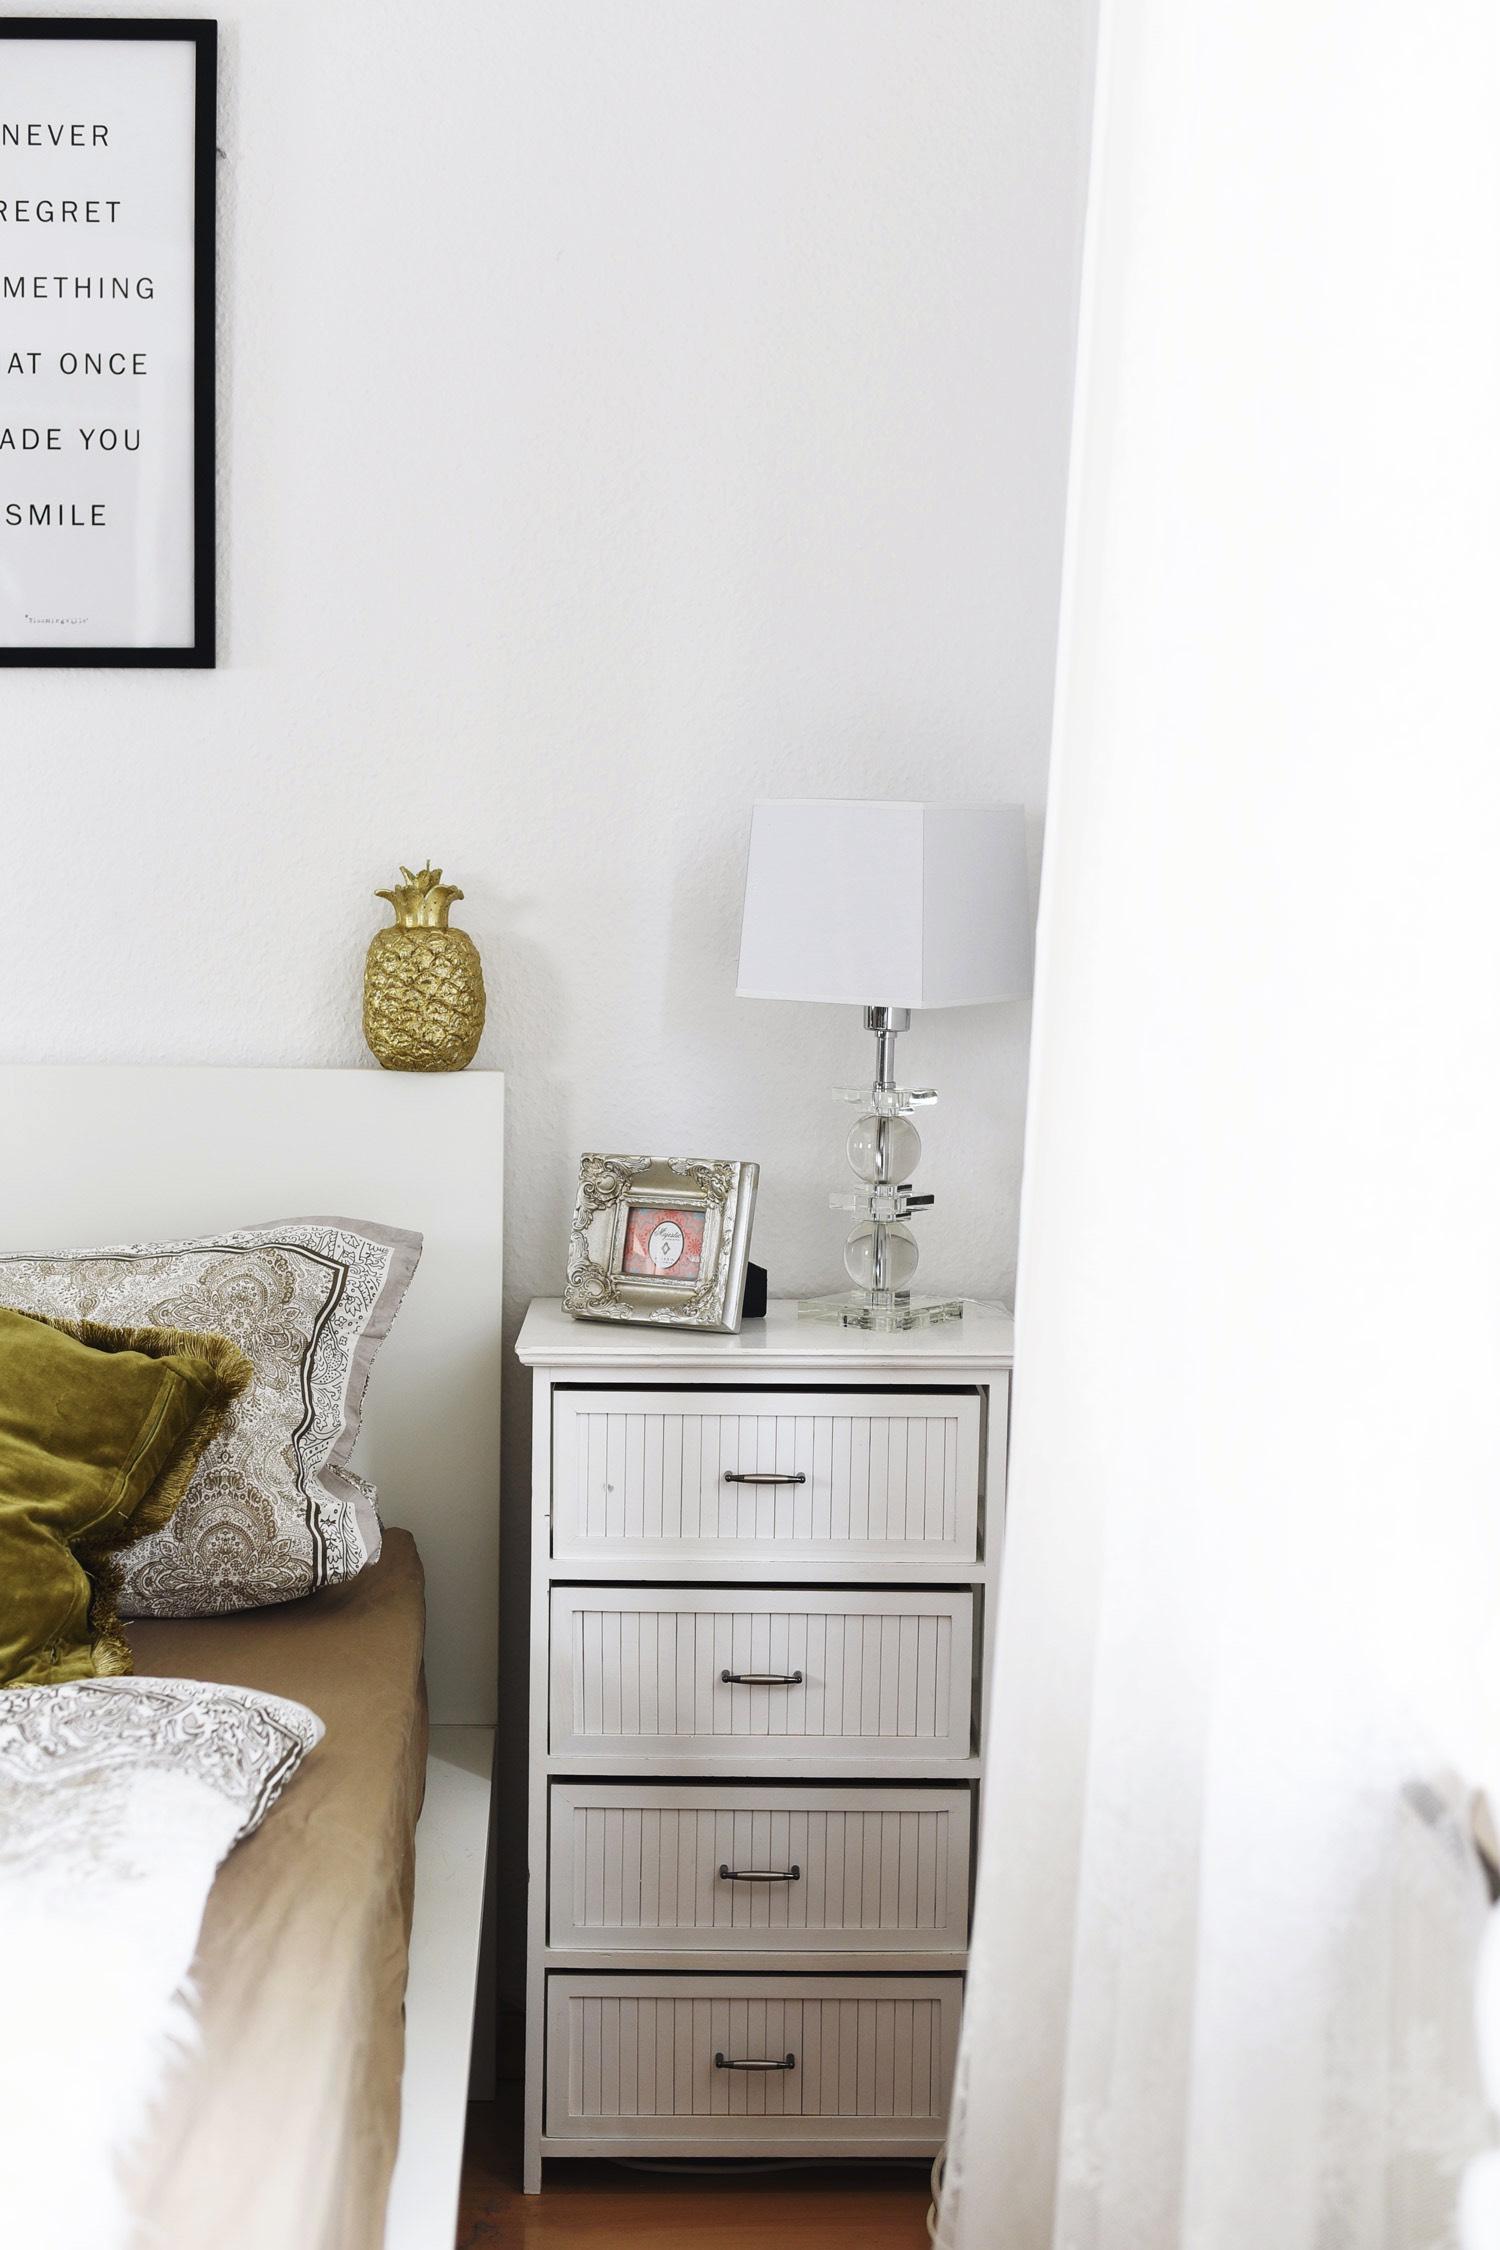 nachttisch-mit-kleiner-stehlampe-glasfuß-bilderrahmen-und-ananas-kerze-nina-fashiioncarpet